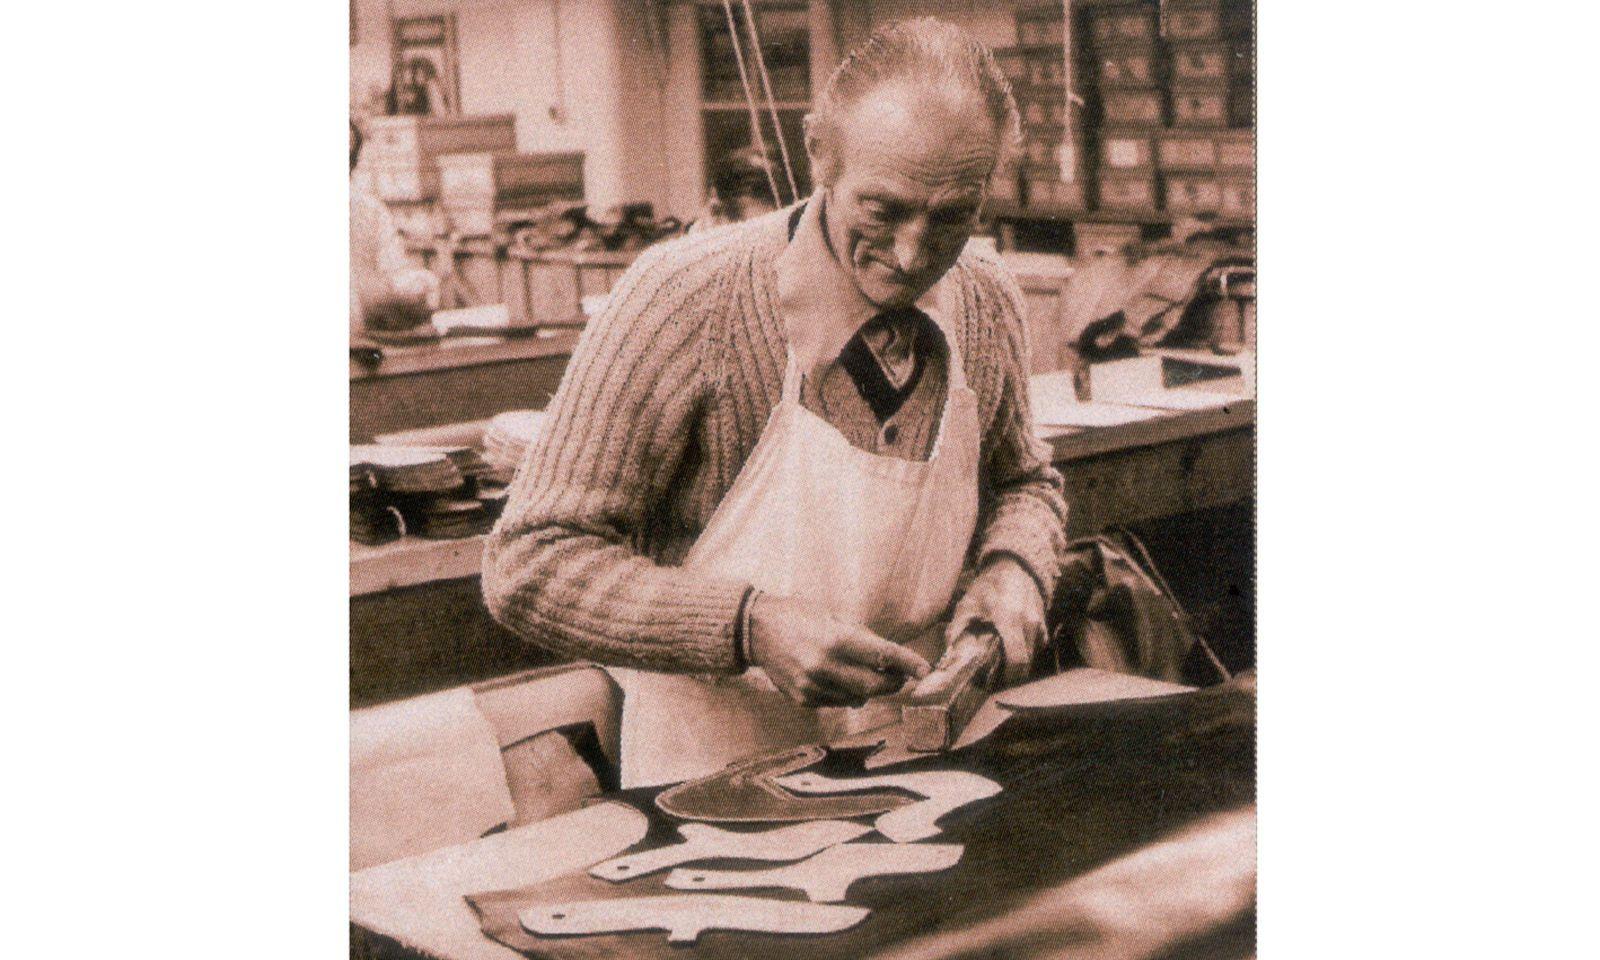 Nostalgie. Das Outfit der Arbeiter ist nicht mehr dasselbe, die Handwerkskunst sehr wohl.